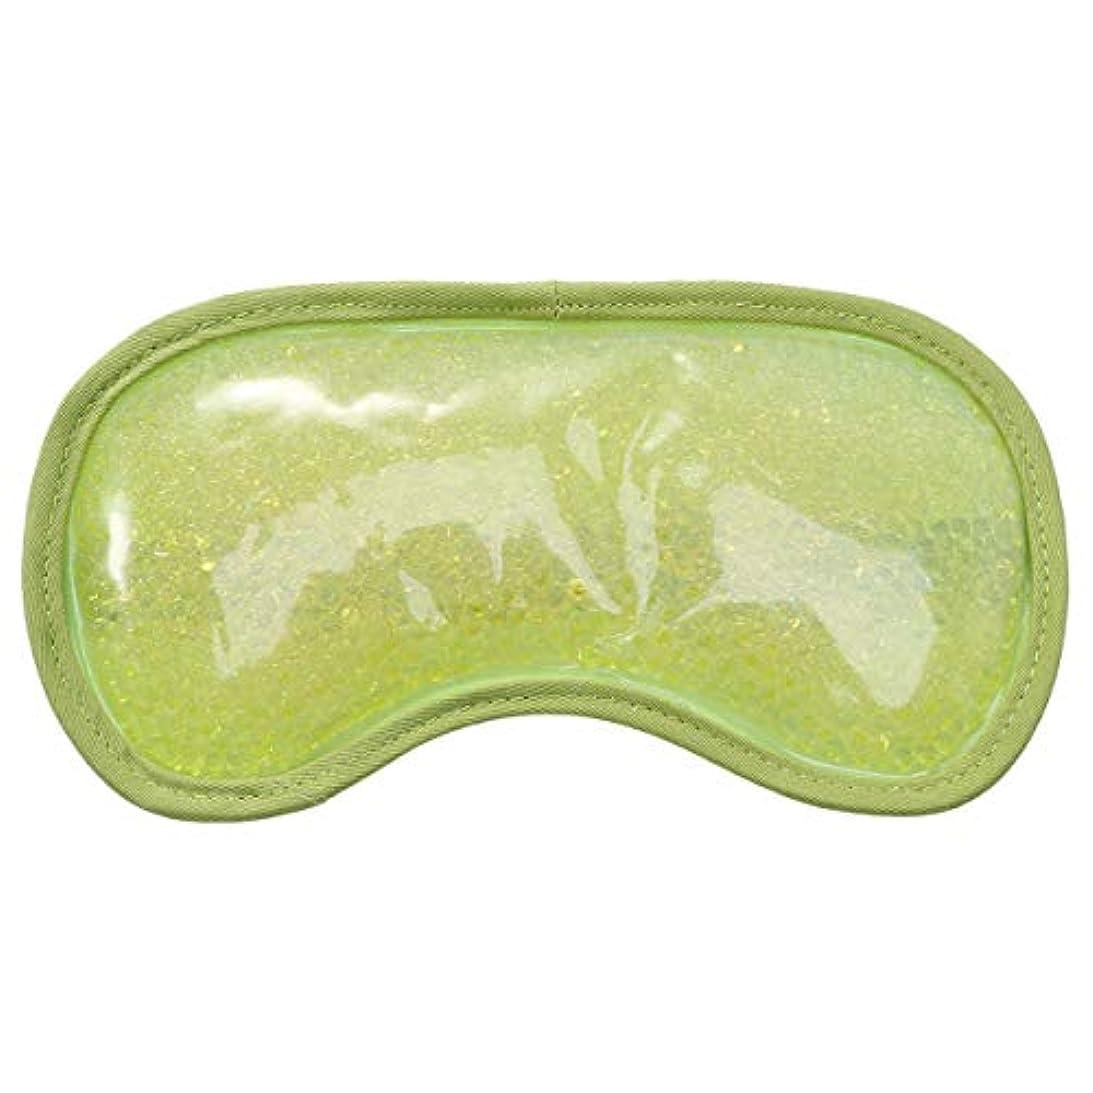 倉庫委員会思われるSUPVOX アイマスク ゲル アイスパッド アイアイスパック 温熱 ホット 冷却 パック 再使用可能 目の疲れ軽減 安眠 血行促進(緑)